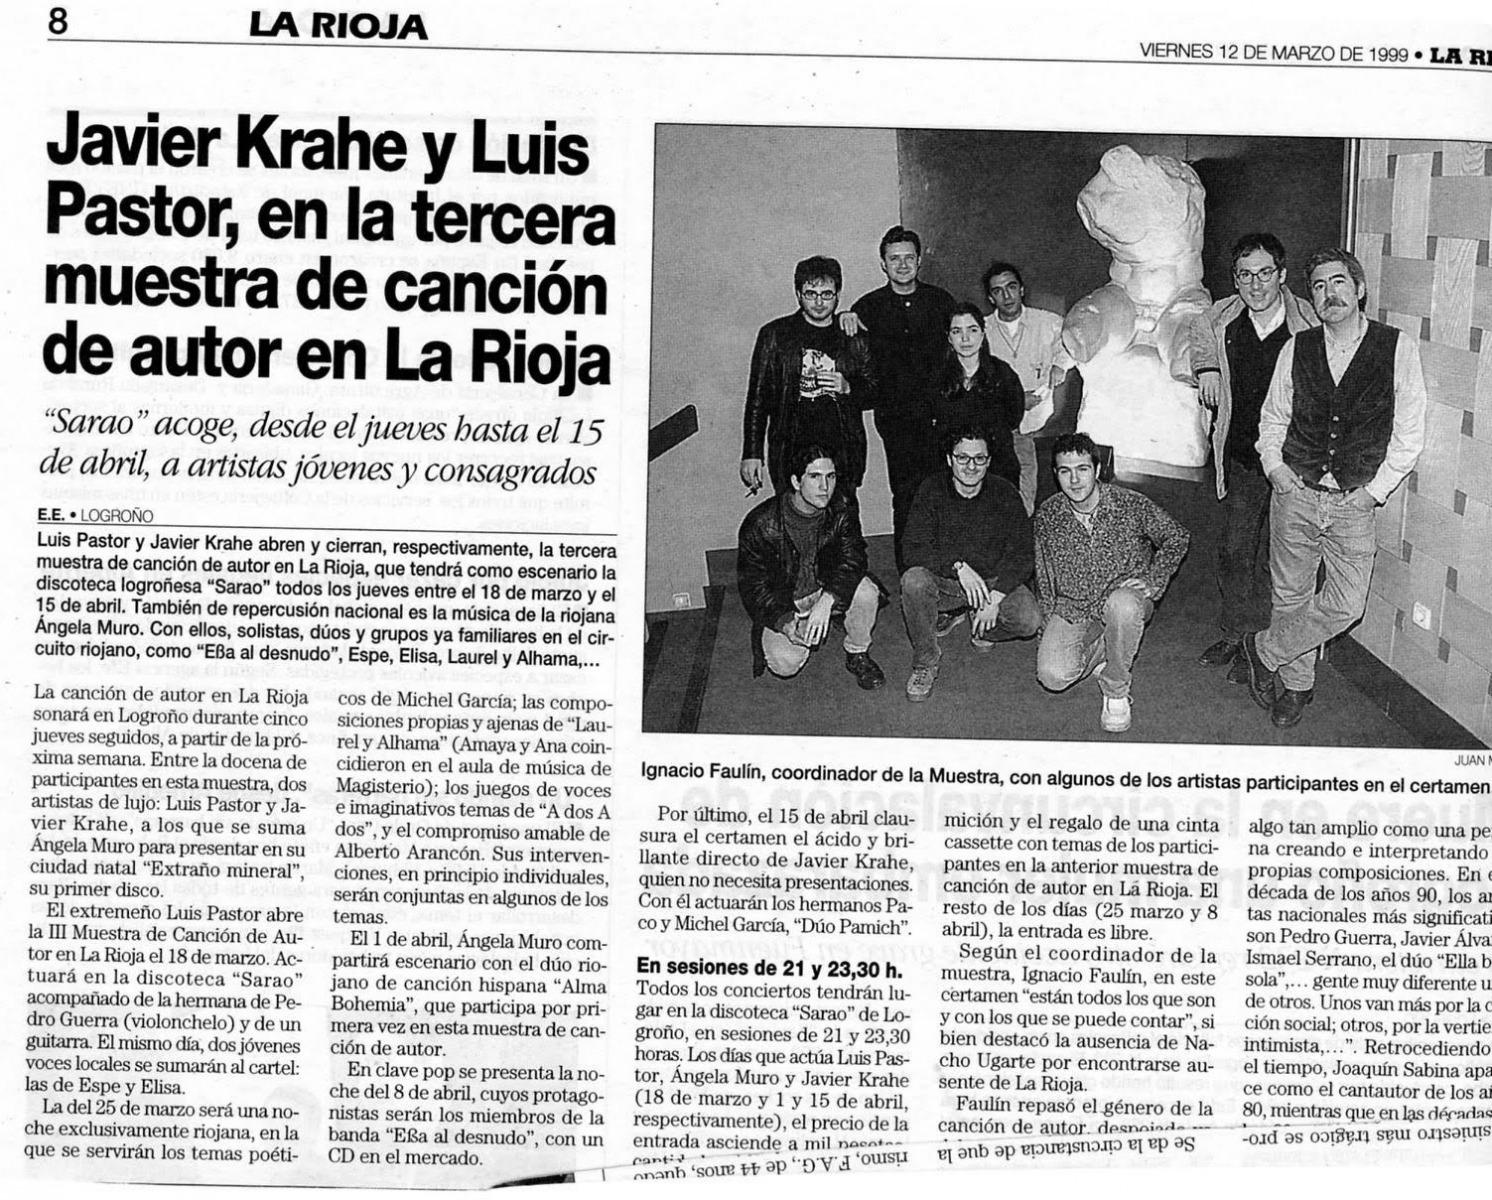 Krahe y Luis Pastor